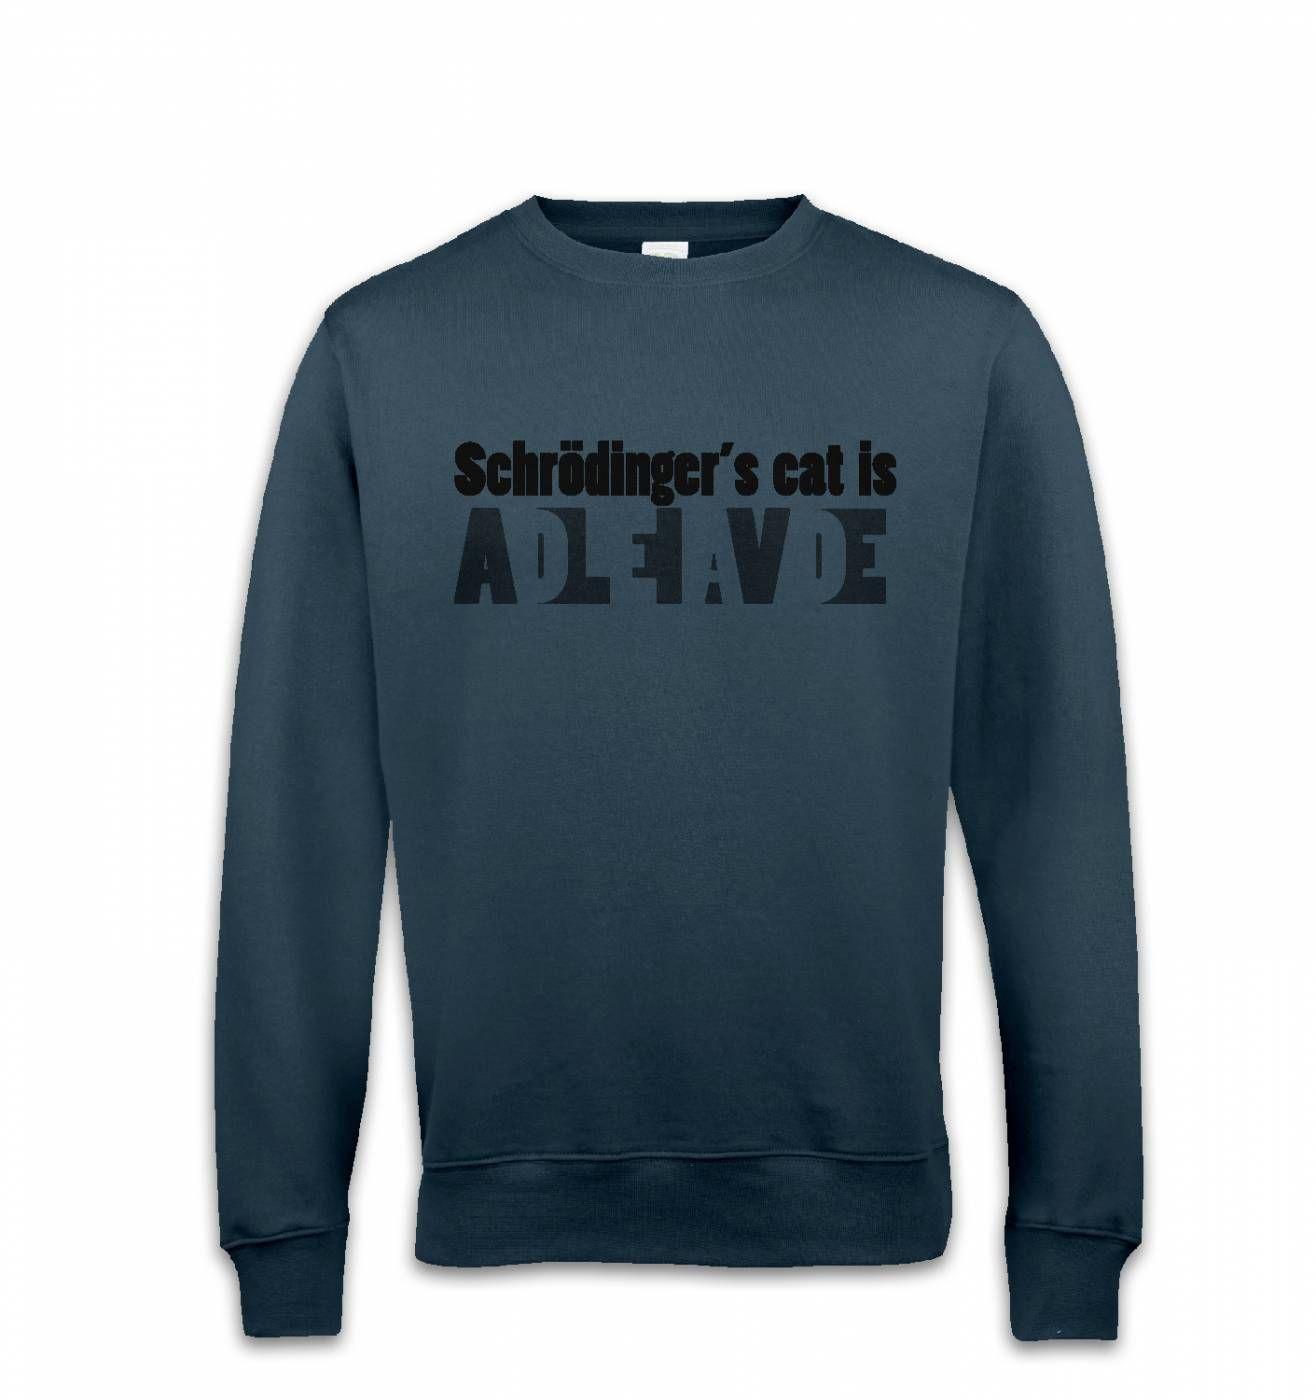 Schrodingers Cat Is Dead And Alive sweatshirt